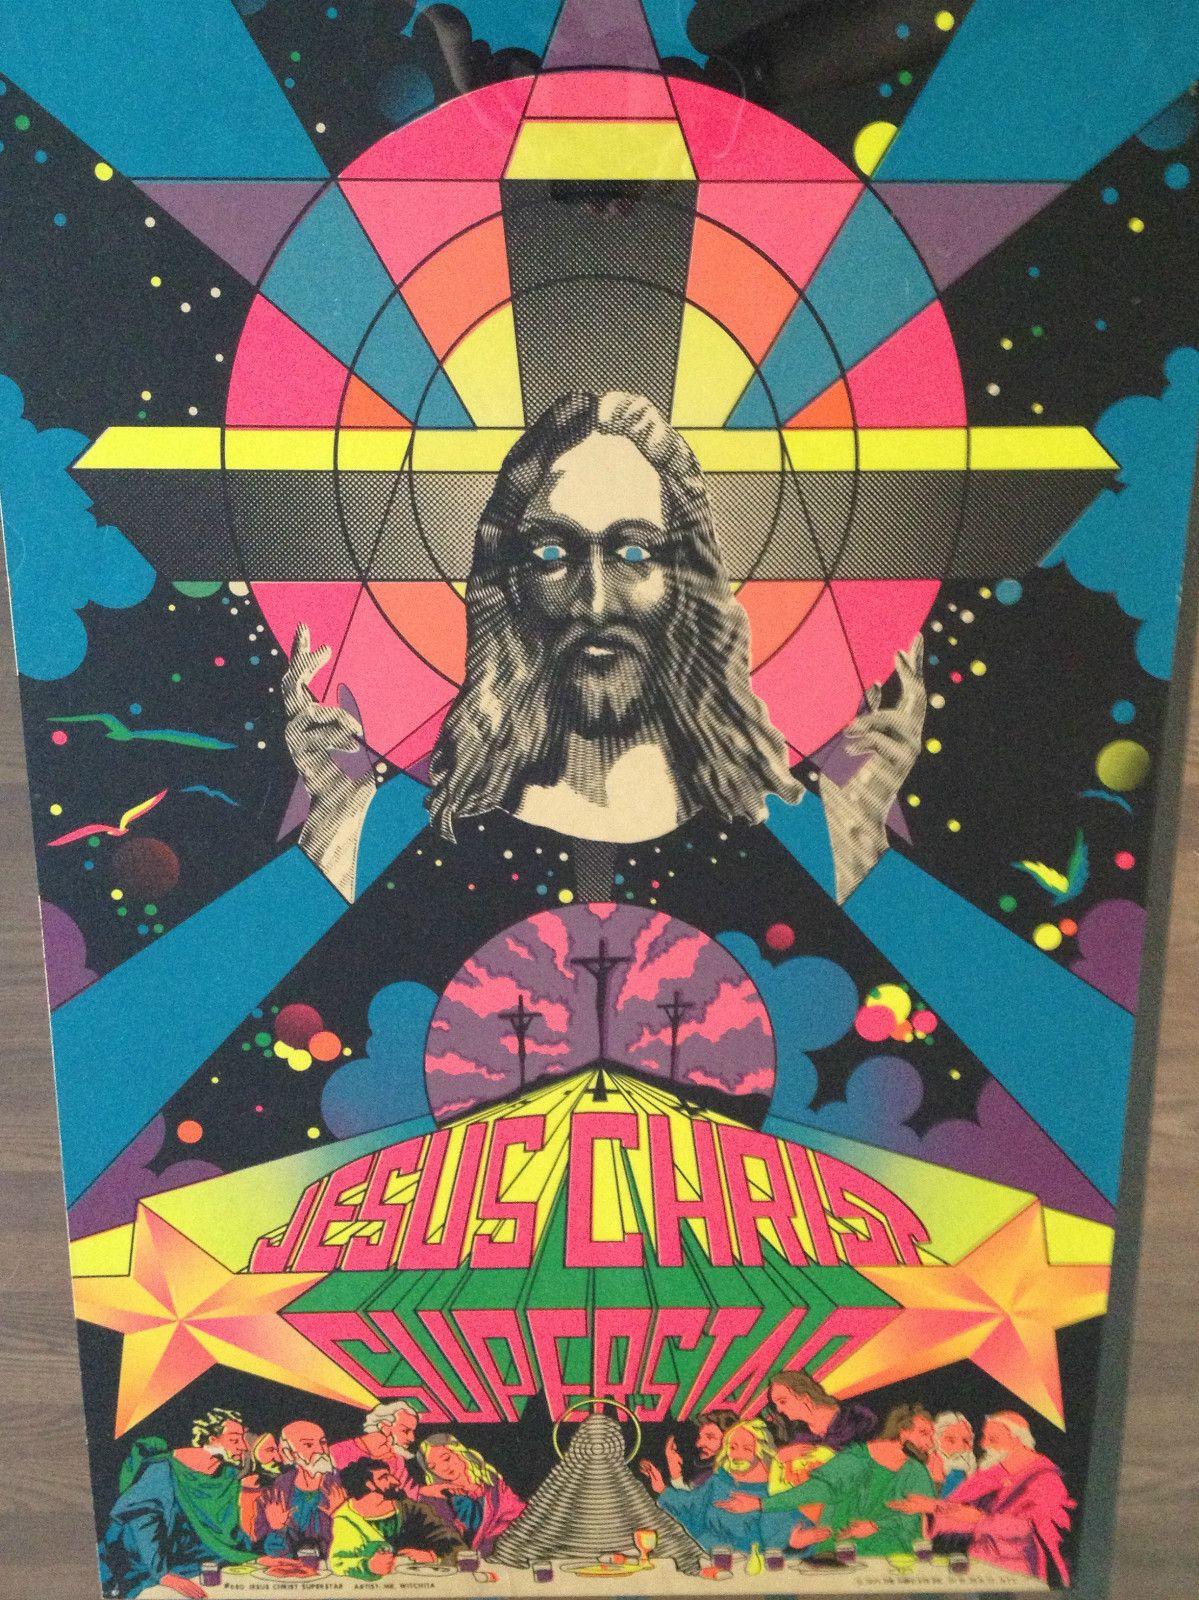 70s poster design - Vintage Black Light Poster Jesus Christ Superstar Third Eye Inc Psychedelic 70s Ebay